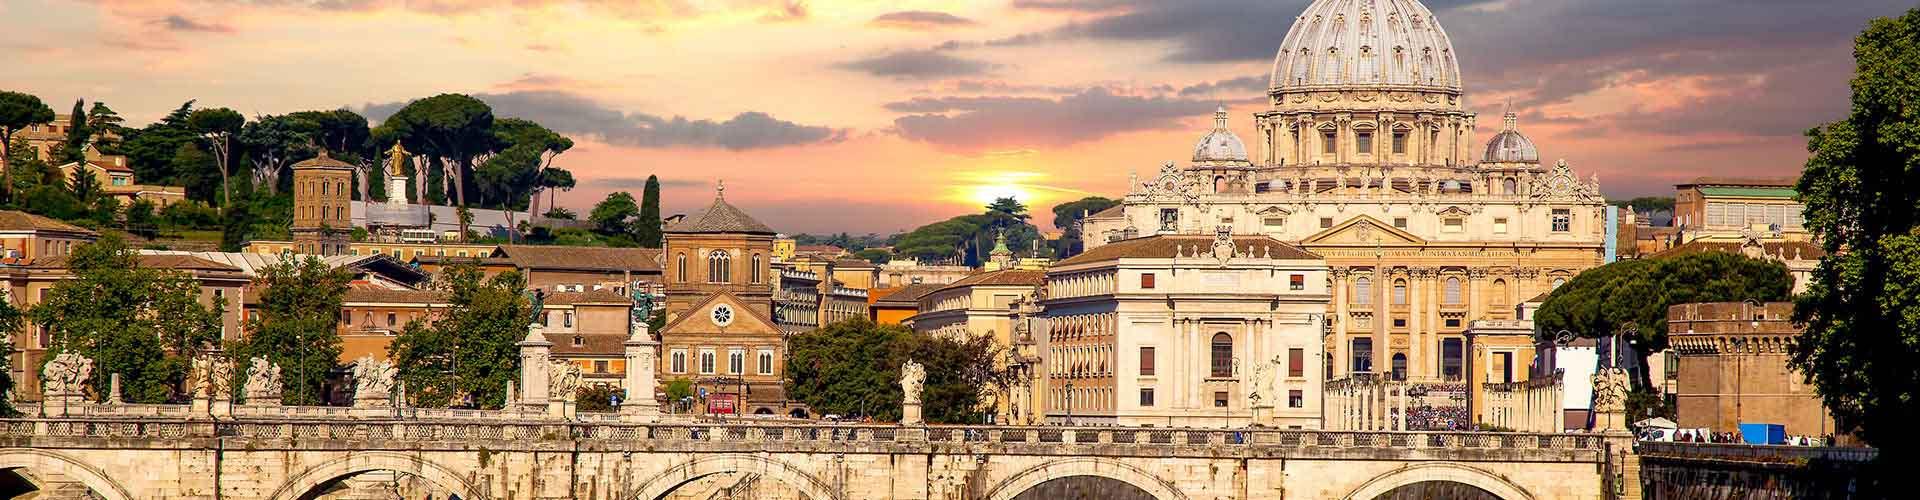 Róma - Ifjúsági Szállások Rómaben. Róma térképek, fotók és ajánlások minden egyes ifjúsági szállásokra Róma-ben.